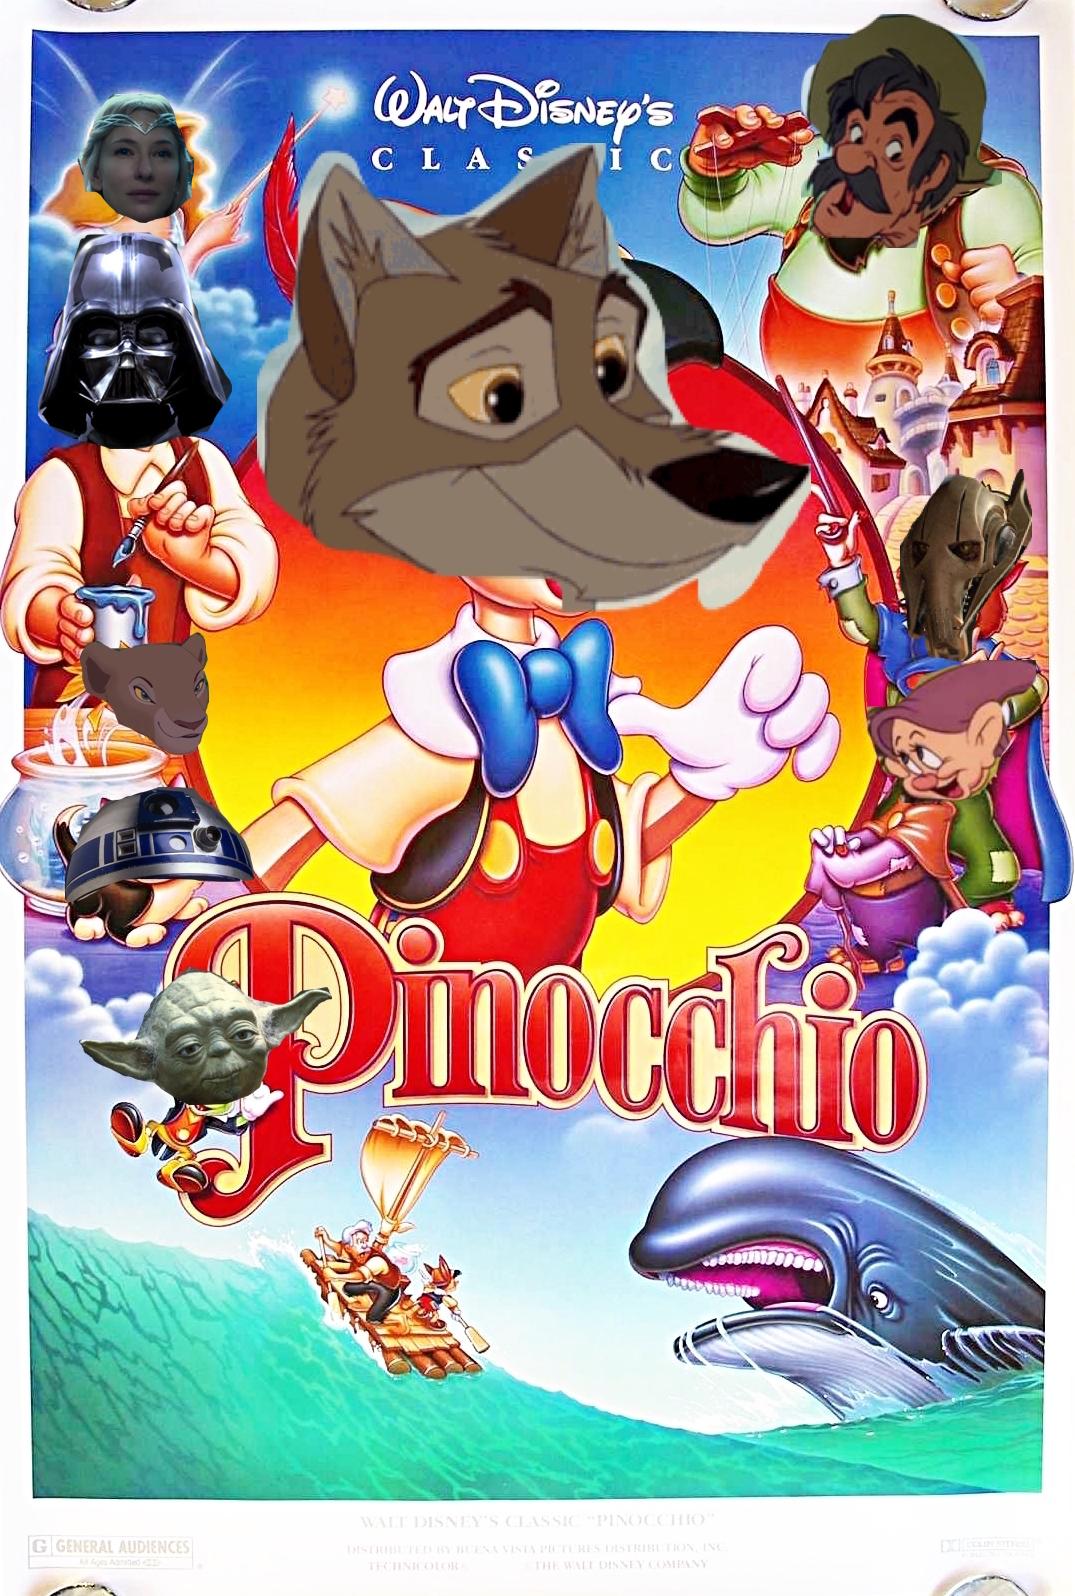 Balto the movie games